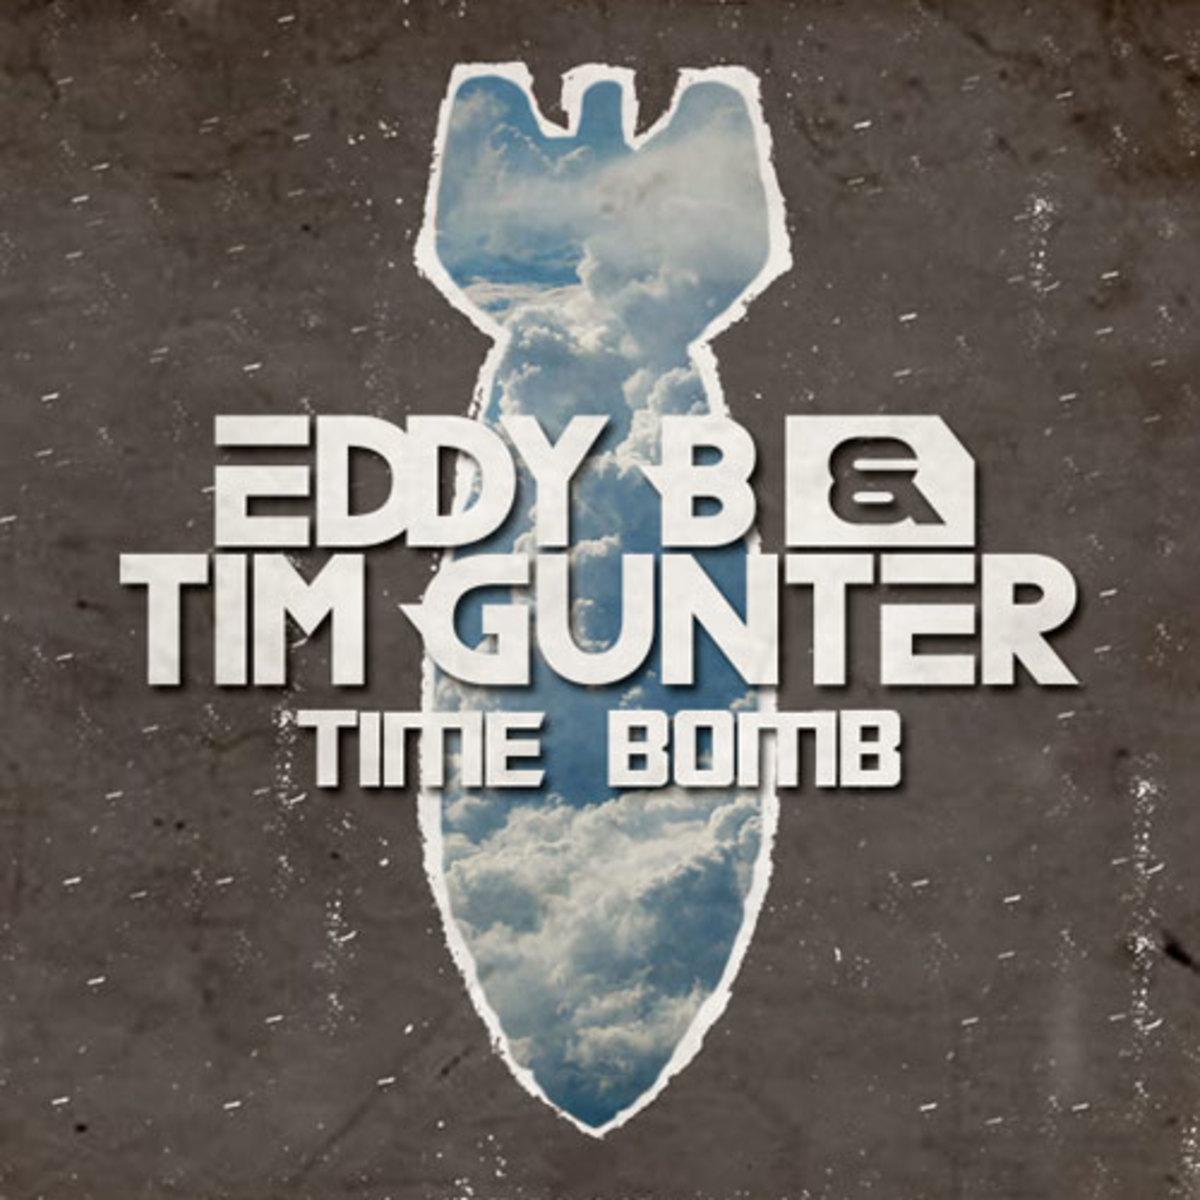 eddytim-timebomb.jpg